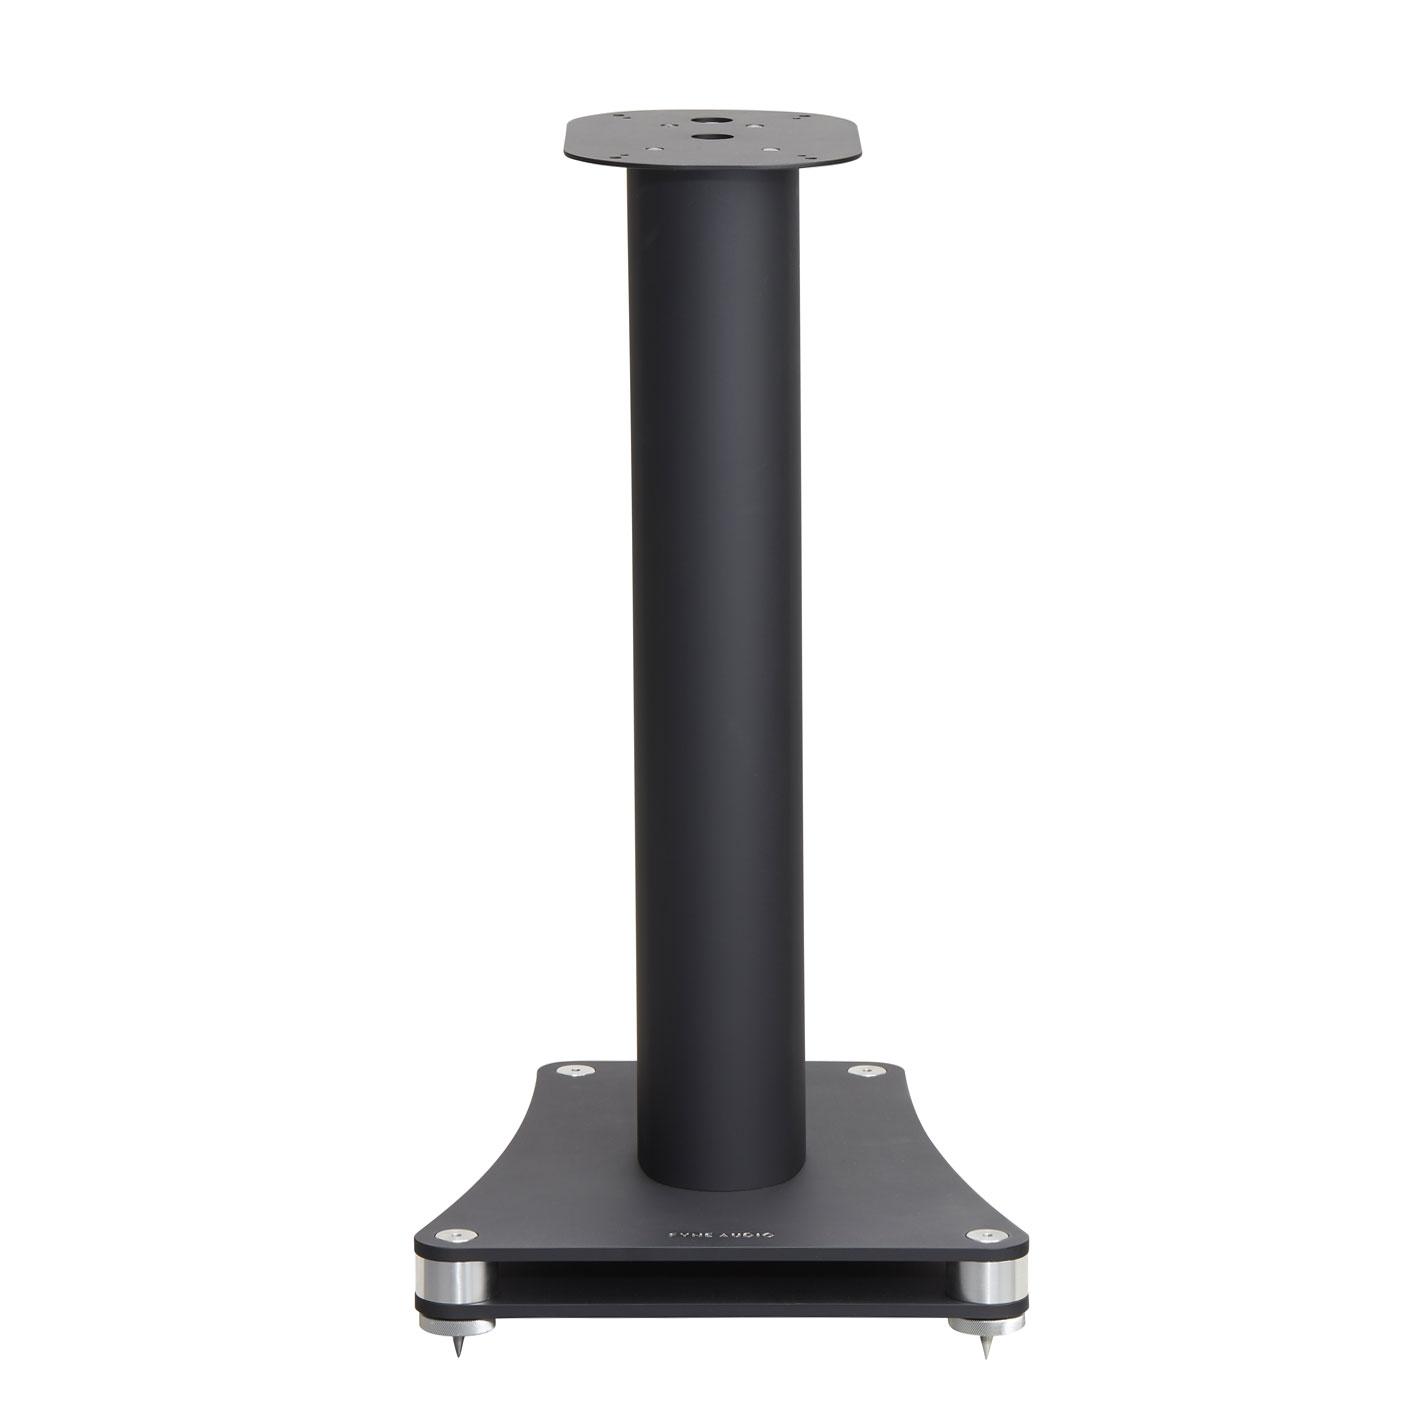 FS8-stalak veliki instaliranje